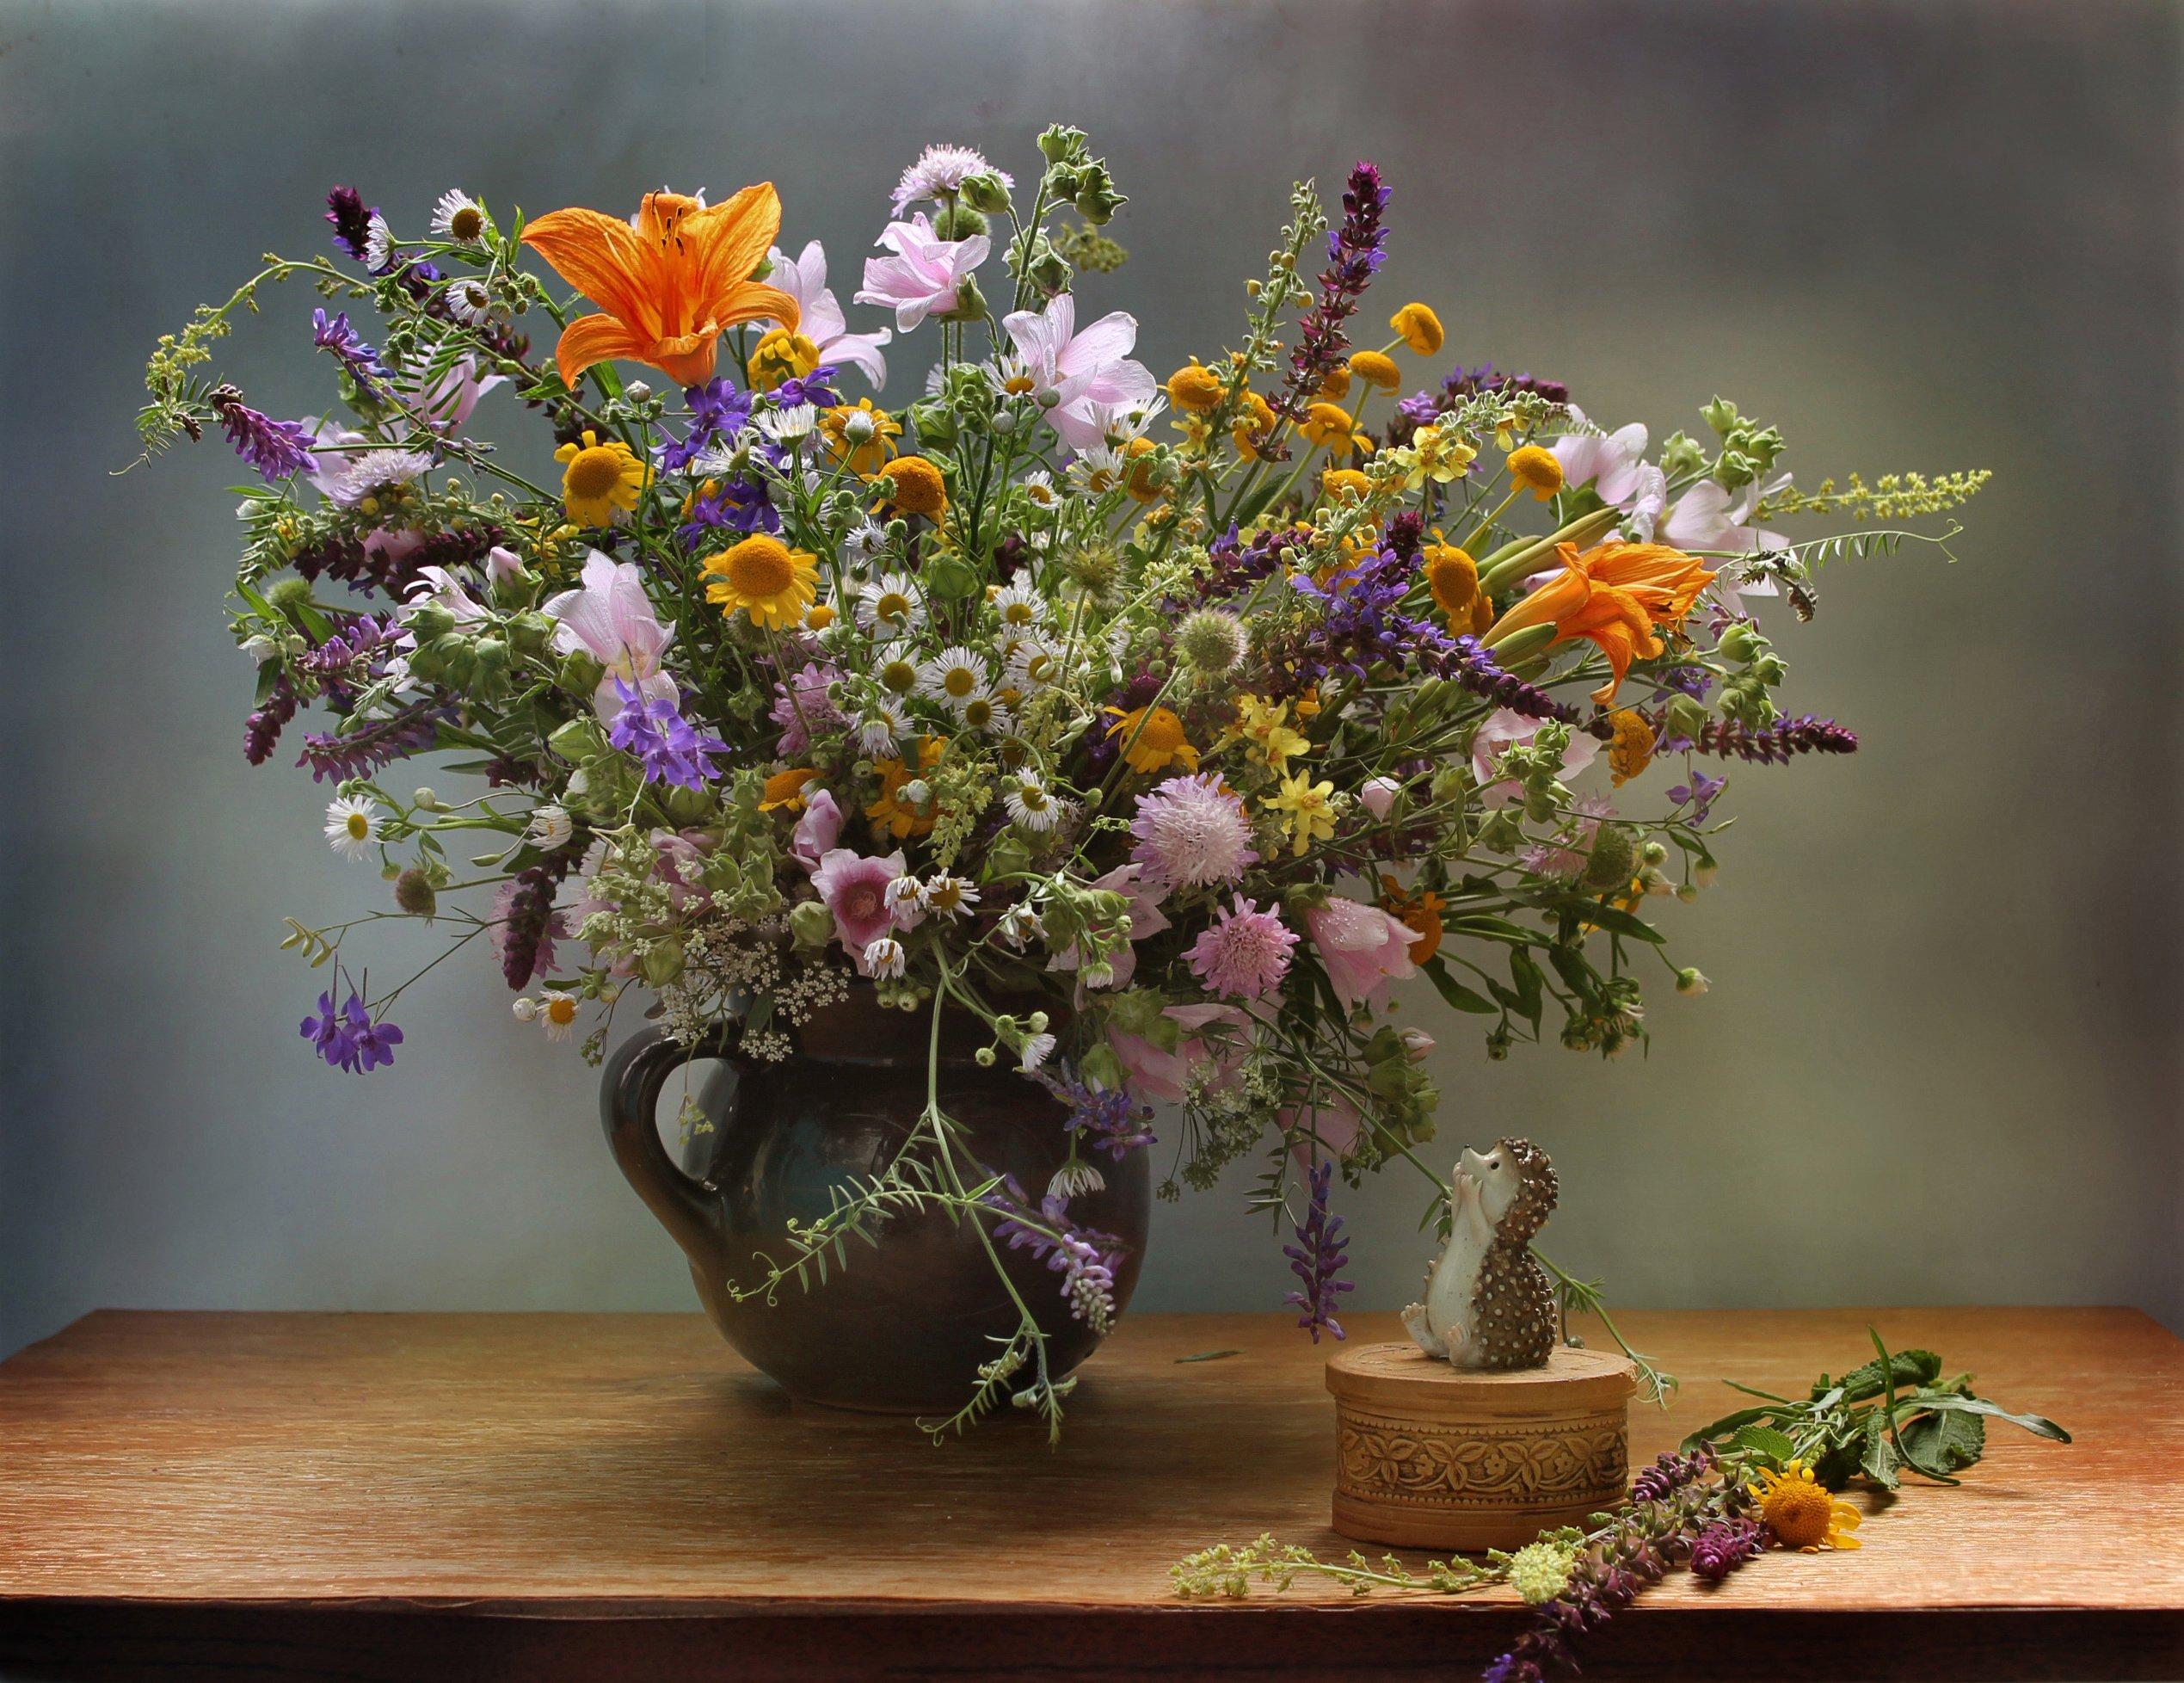 лето, цветы, полевые, ежик, натюрморт, букет, Ковалева Светлана